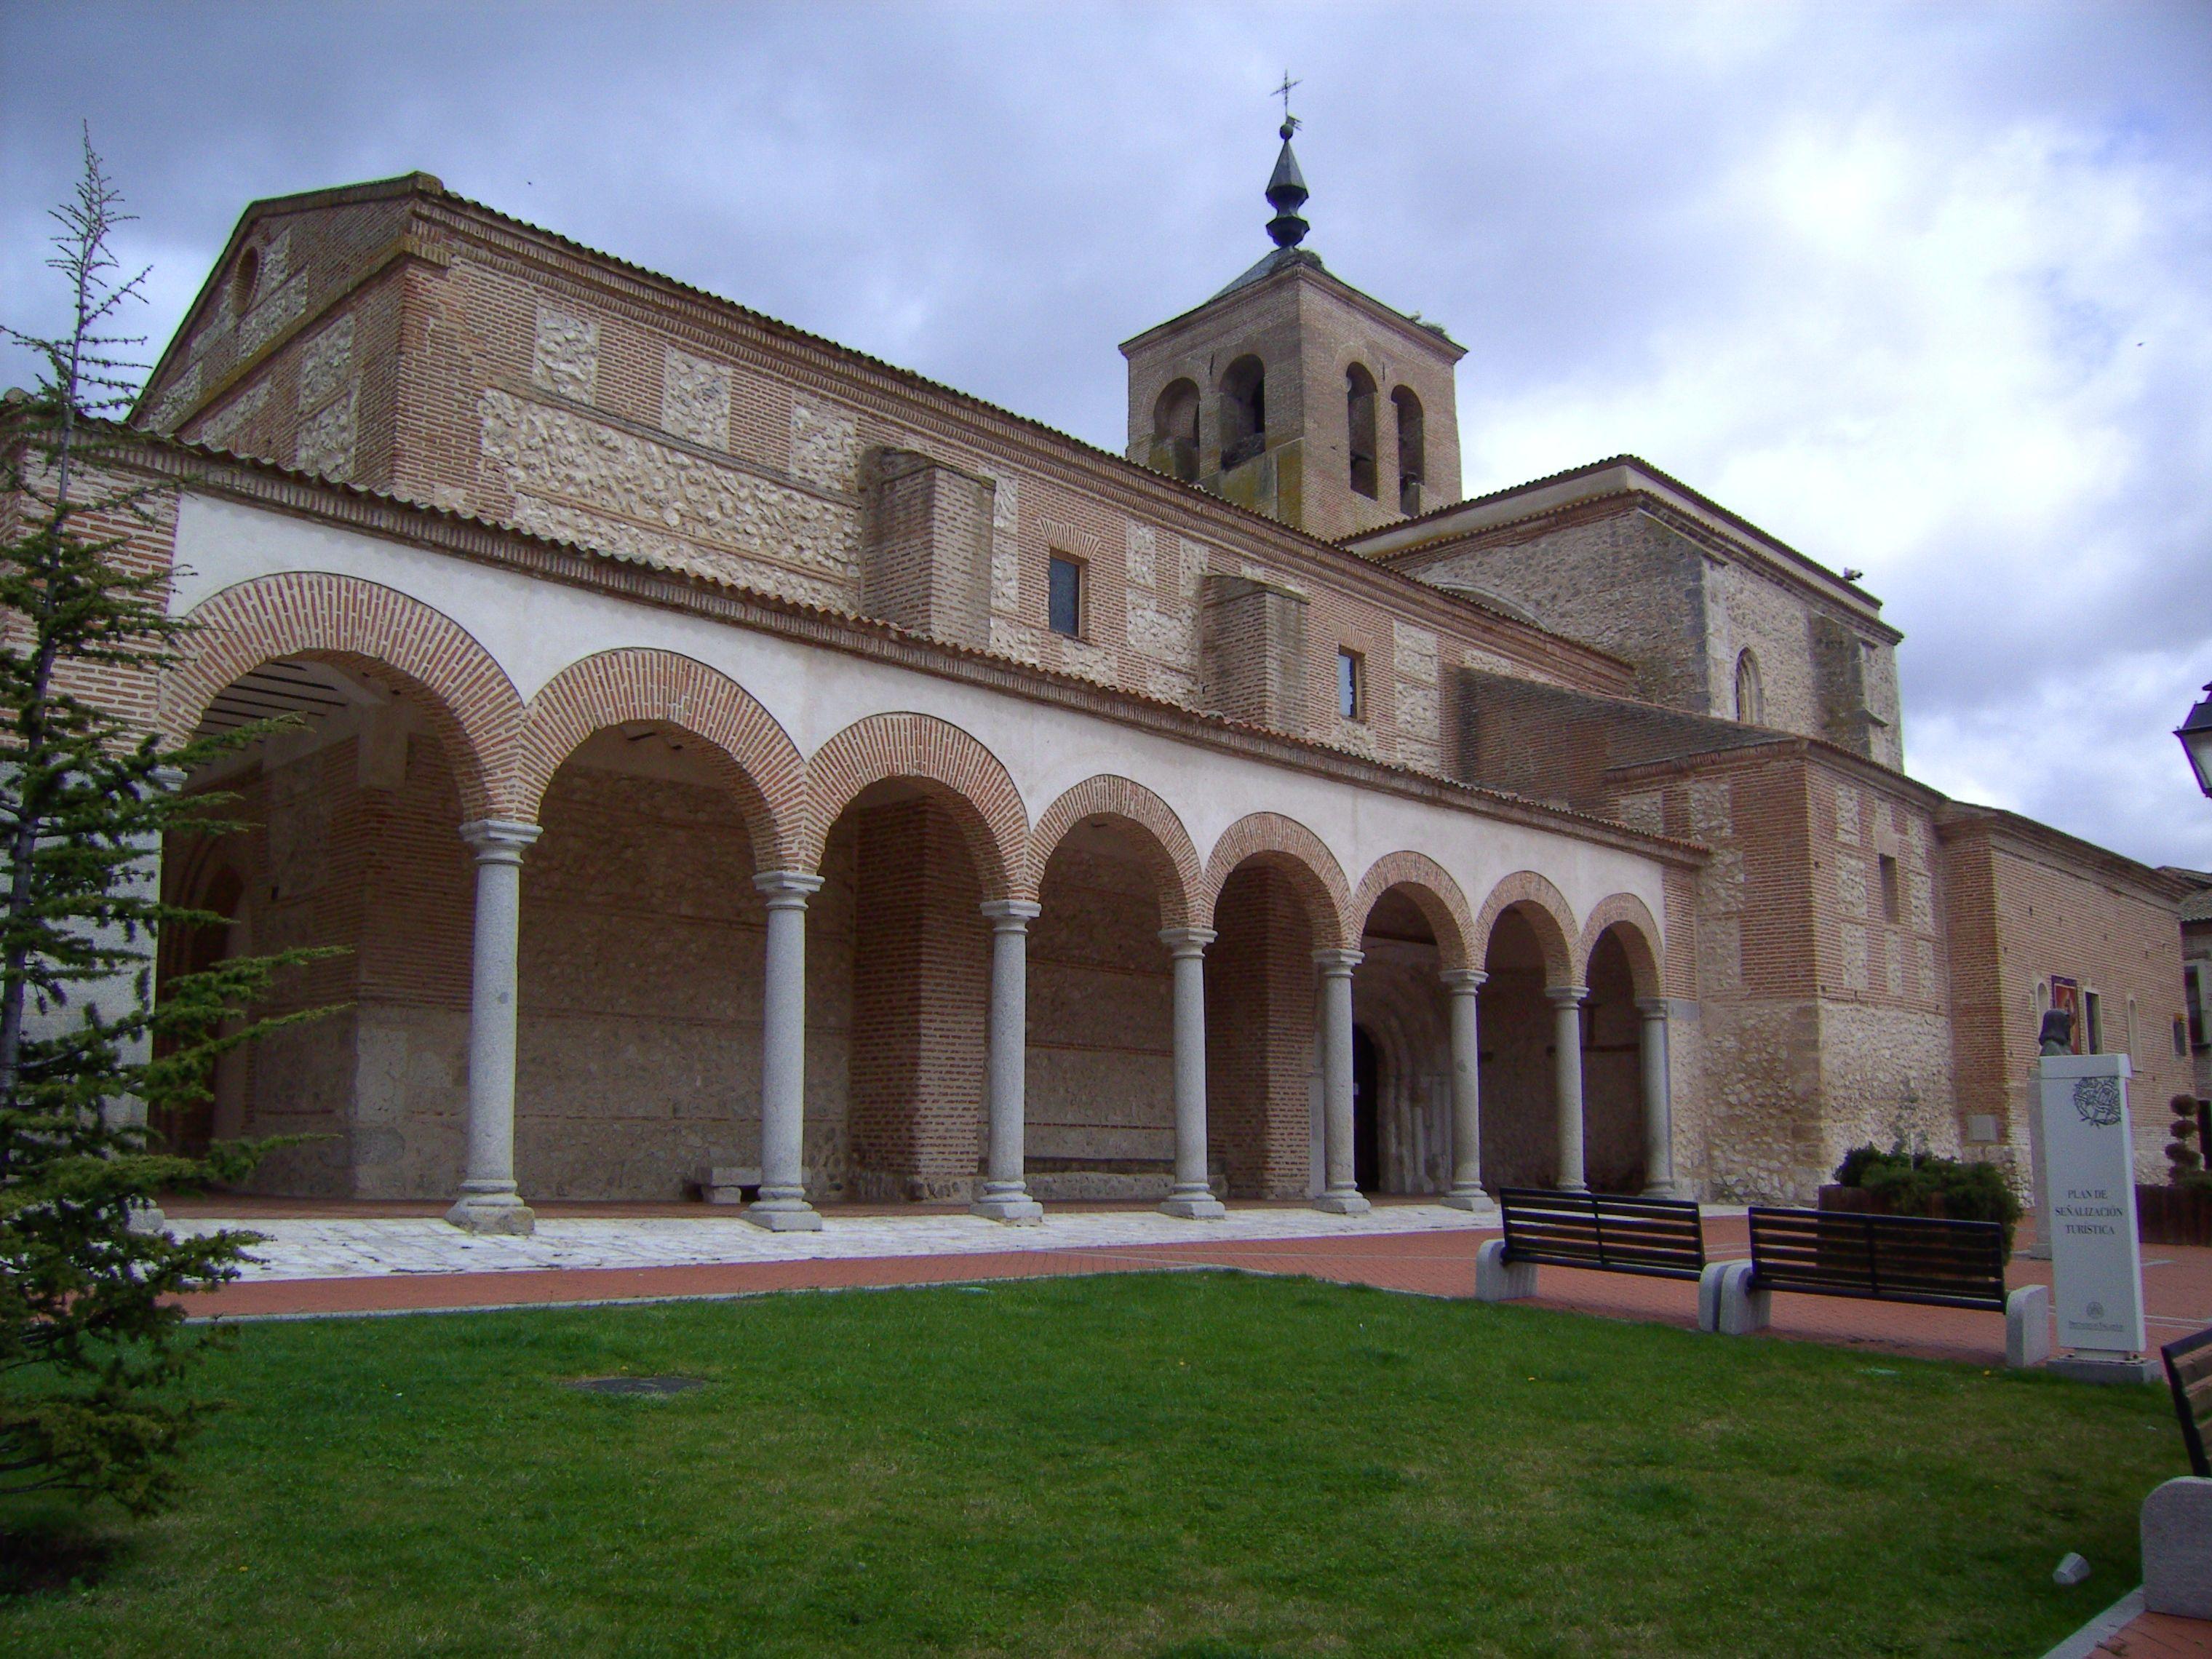 Olmedo, Valladolid. Iglesia de Santa María del Castillo